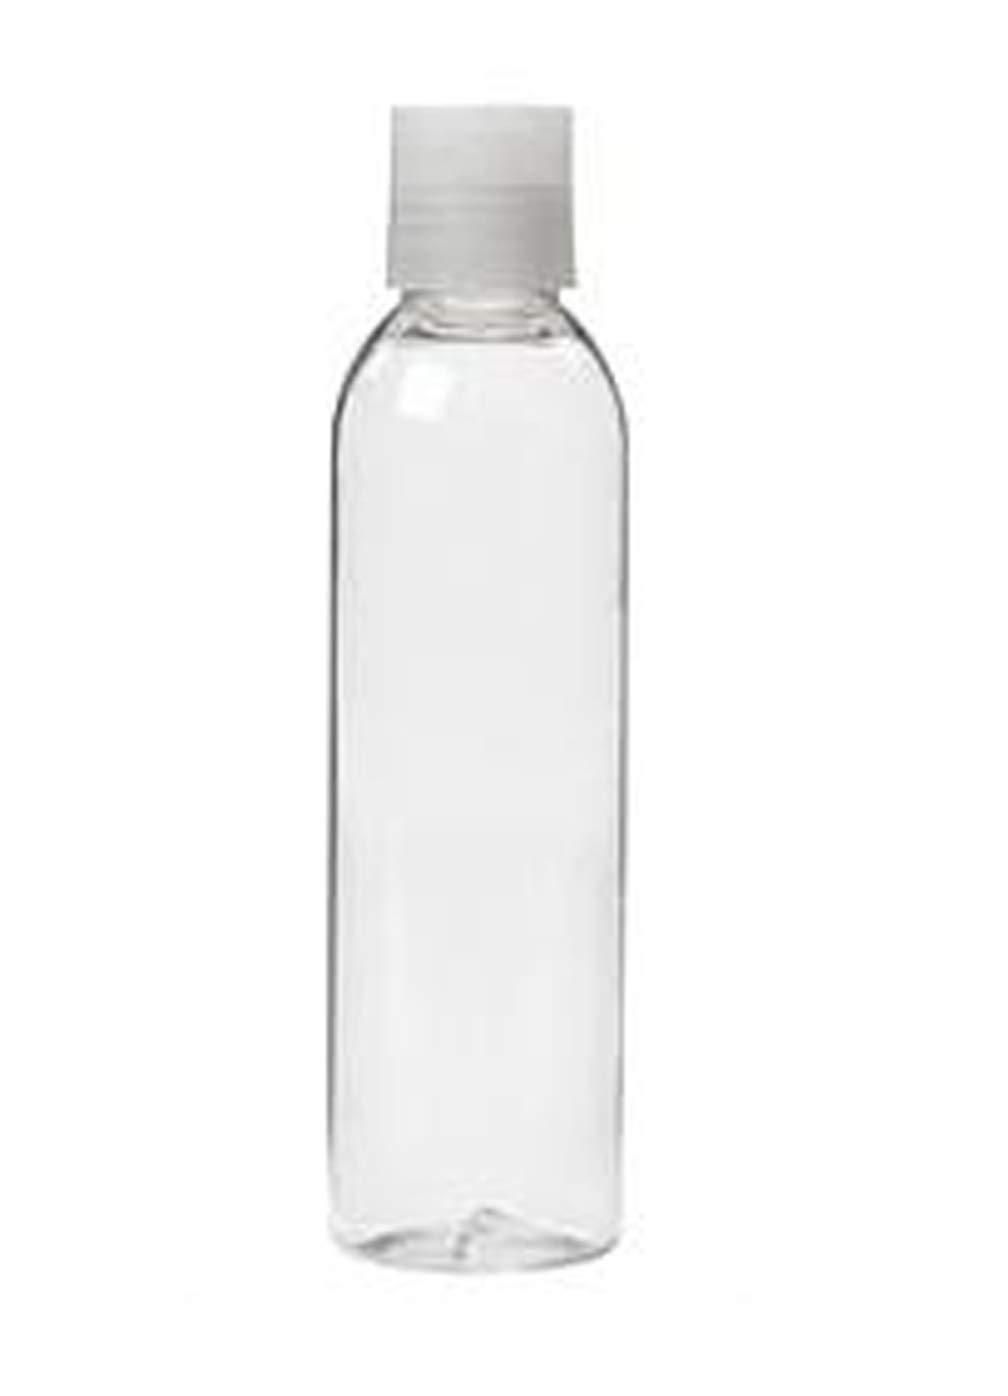 600 ML Botellas de Viaje Botella de pl/ástico Transparente de Pet Transparente con dispensador de Bomba de loci/ón Envases cosm/éticos Gel de Ducha de champ/ú Botella vac/ía